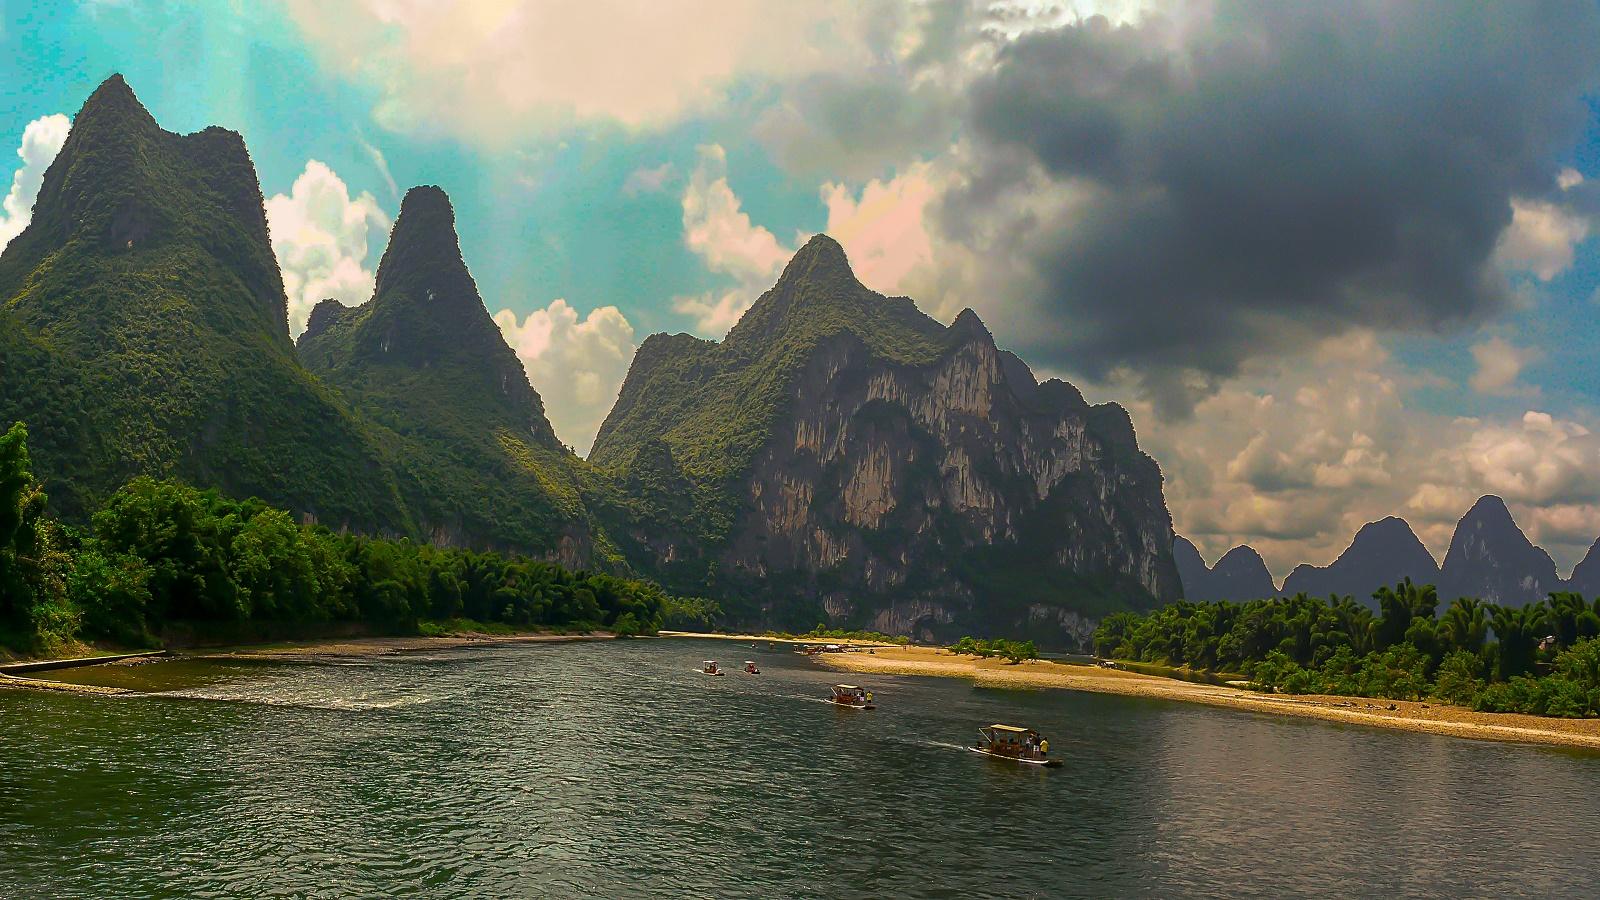 li river wallpaper - photo #16